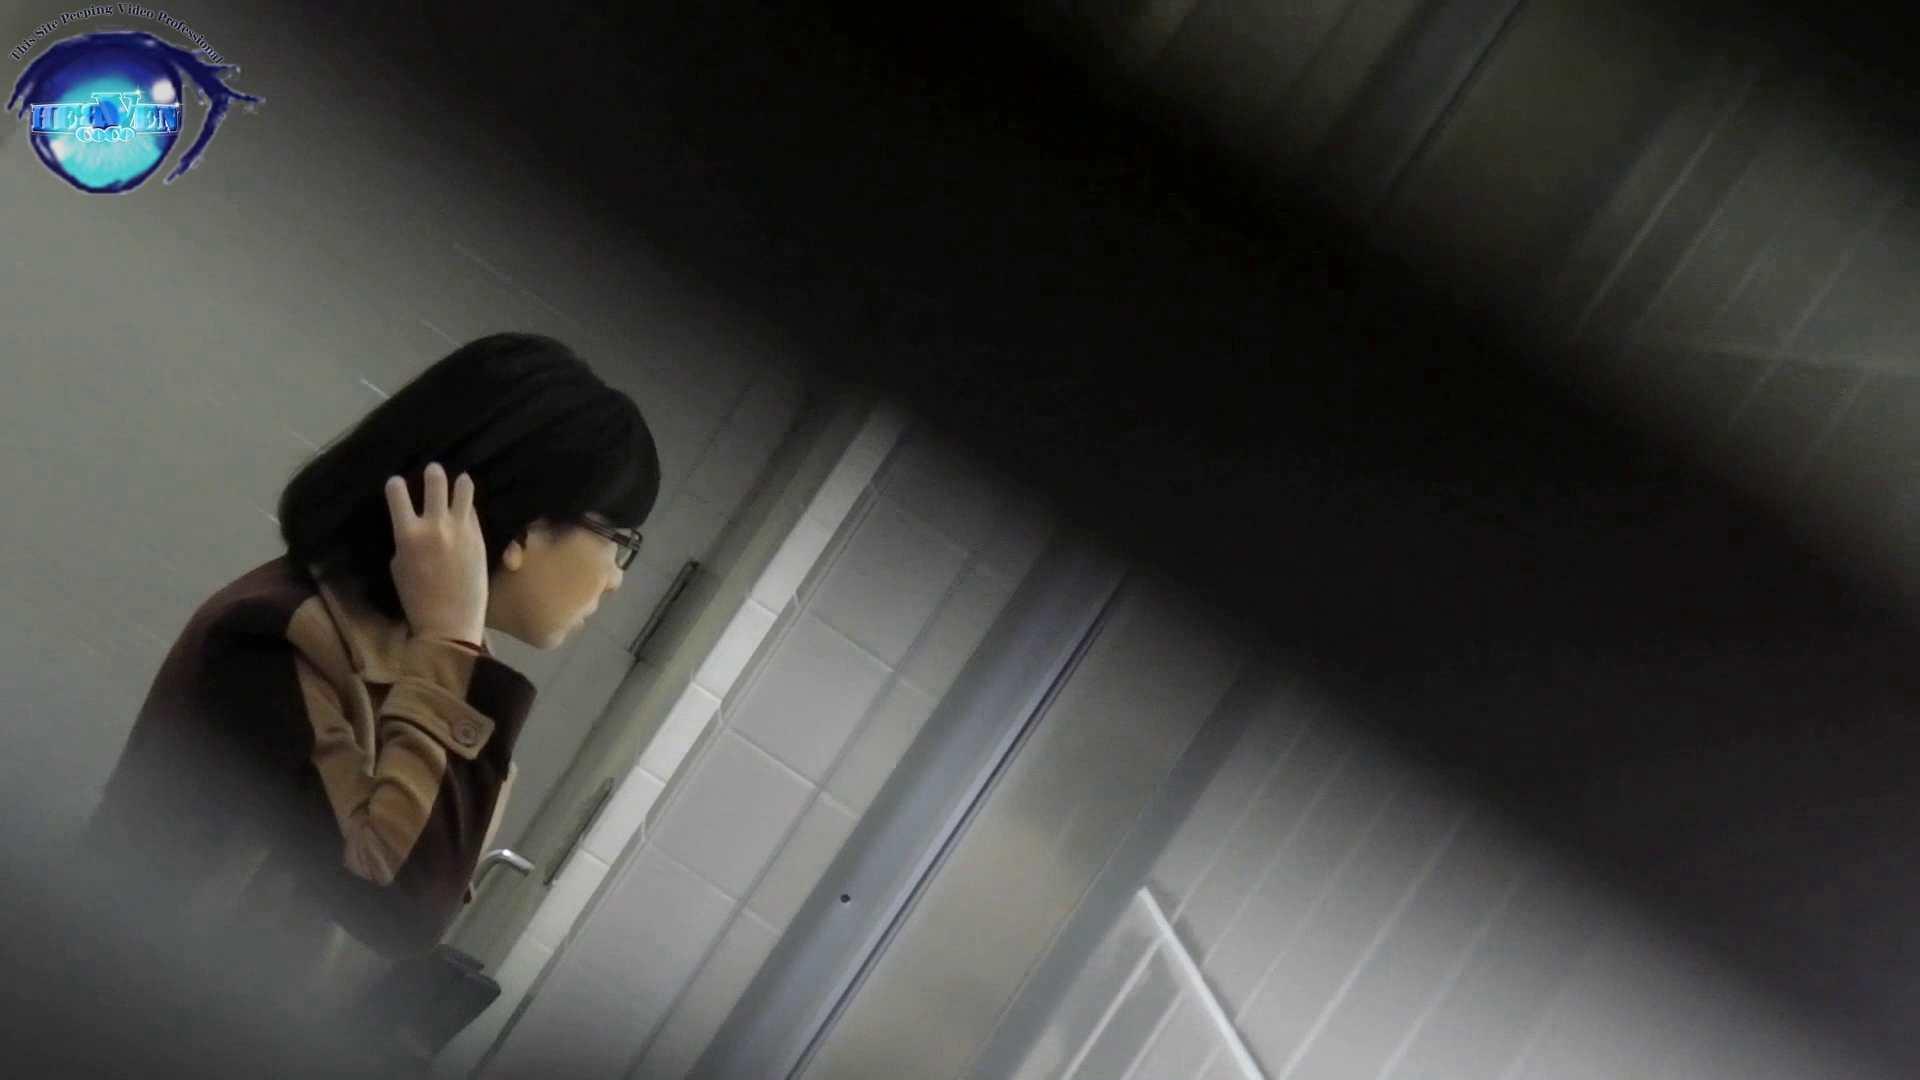 お銀さん vol.59 ピンチ!!「鏡の前で祈る女性」にばれる危機 前編 美人   OL女体  108連発 23